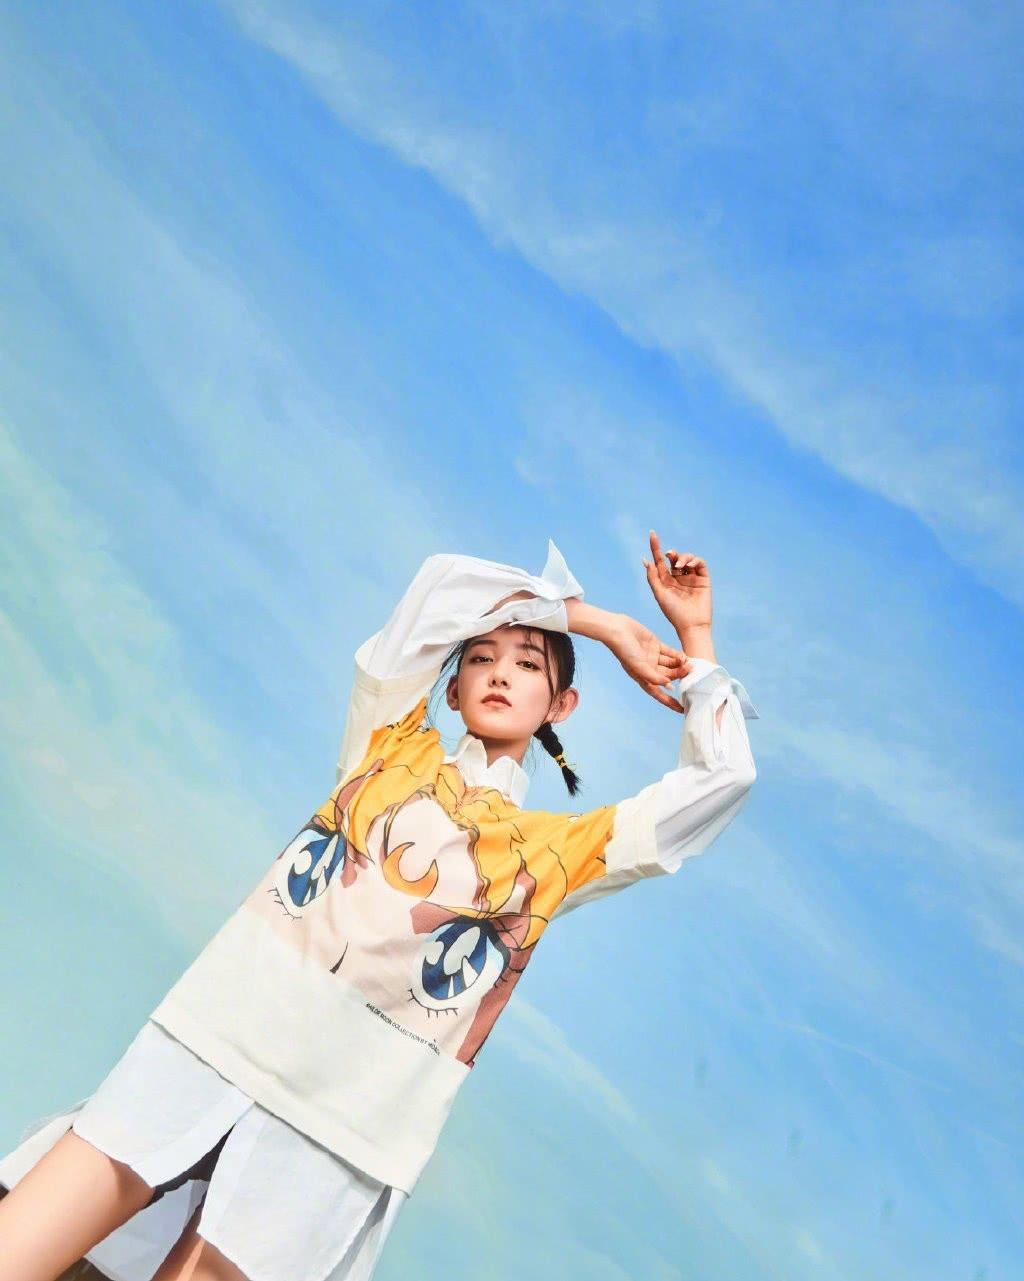 蒋依依也太美了,白色衬衫配美少女战士T恤,一笑秒变俏皮少女